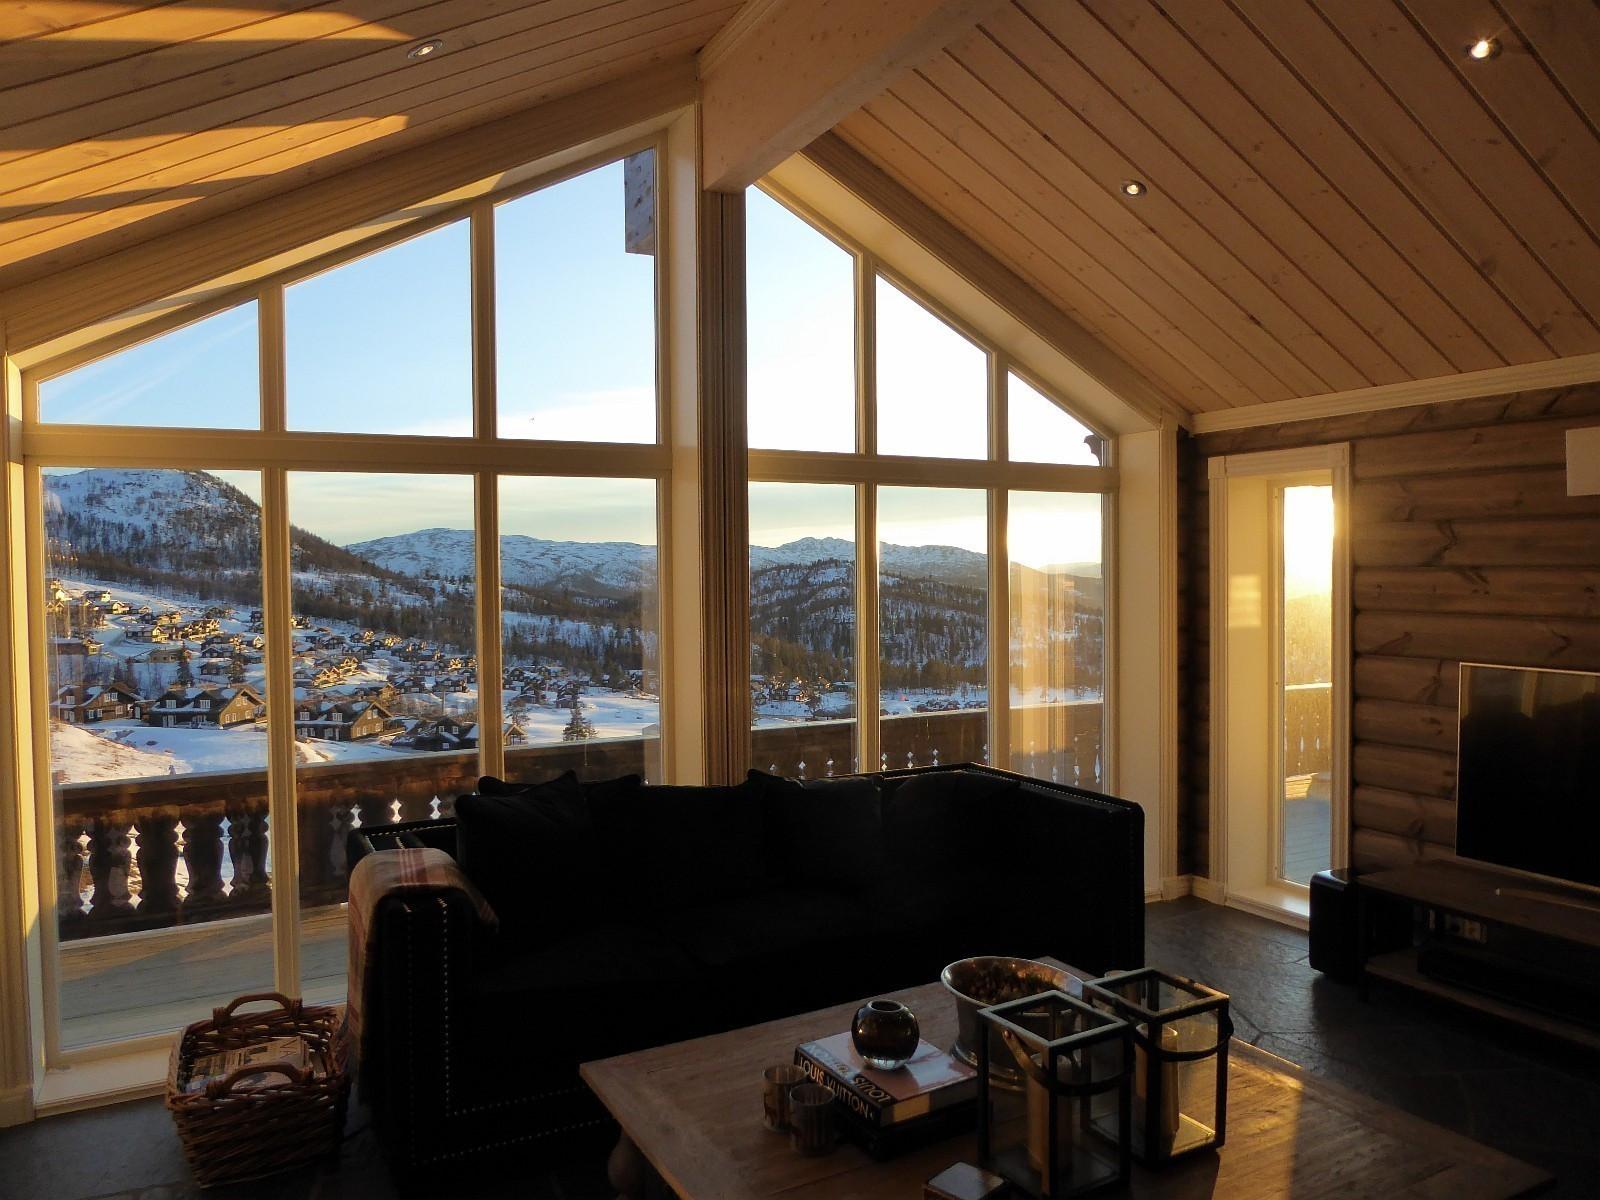 Fra en tilsvarende hytte.  Kundetilpasninger og tilvalg kan forekomme. Valg av sprosser/vinduer er valgfritt. På denne hytten er det valgt mindre sprosser, og store glassflater.